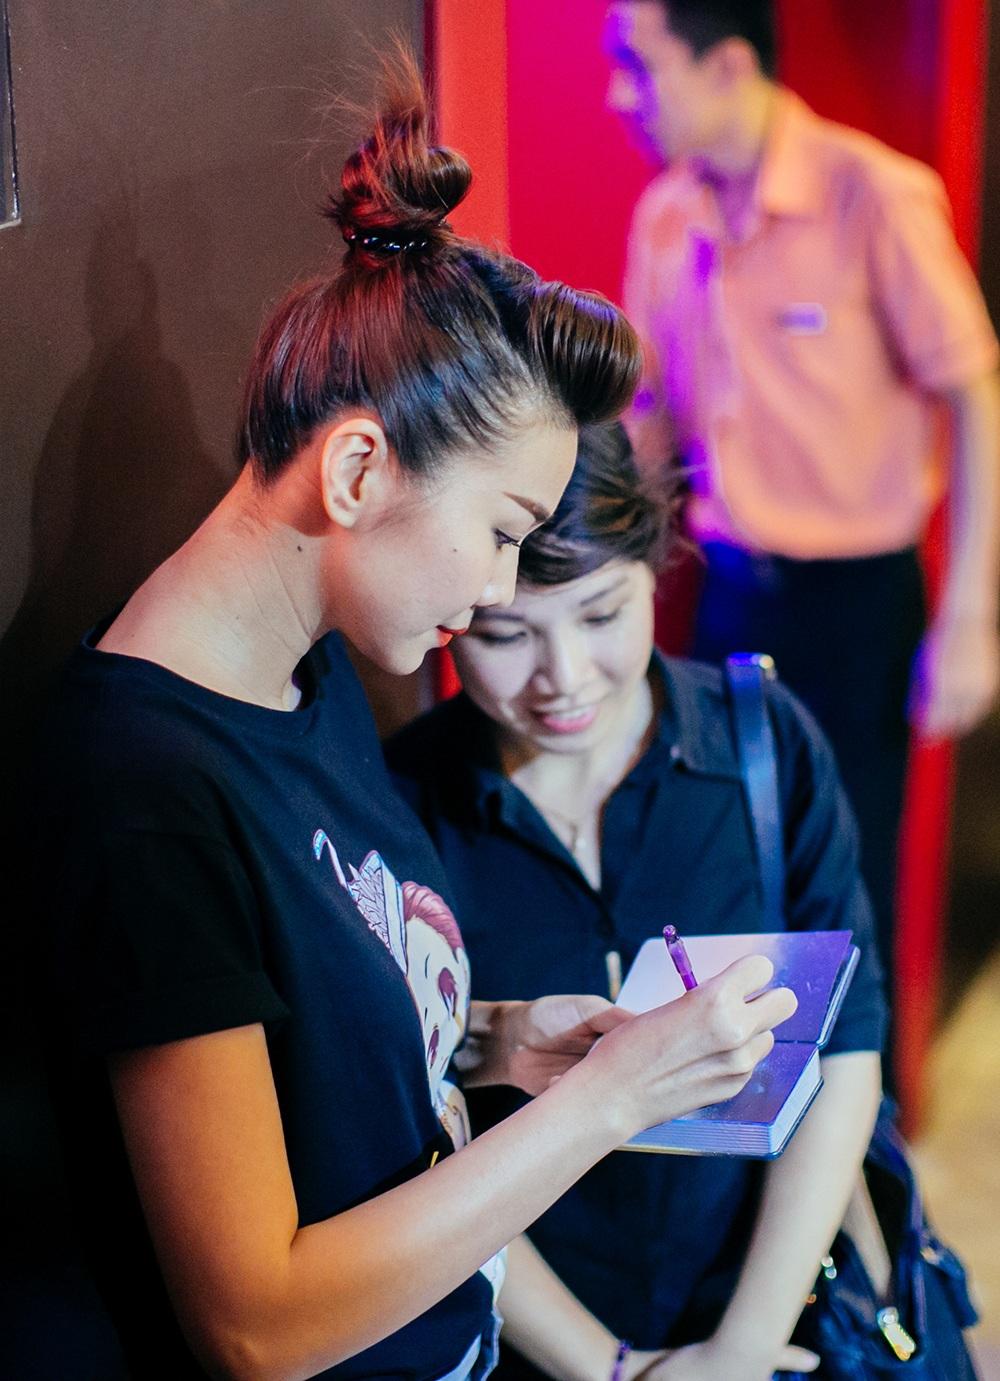 Ngay khi xuất hiện ở rạp phim, Thanh Hằng đã nhận được sự quan tâm của các fan.